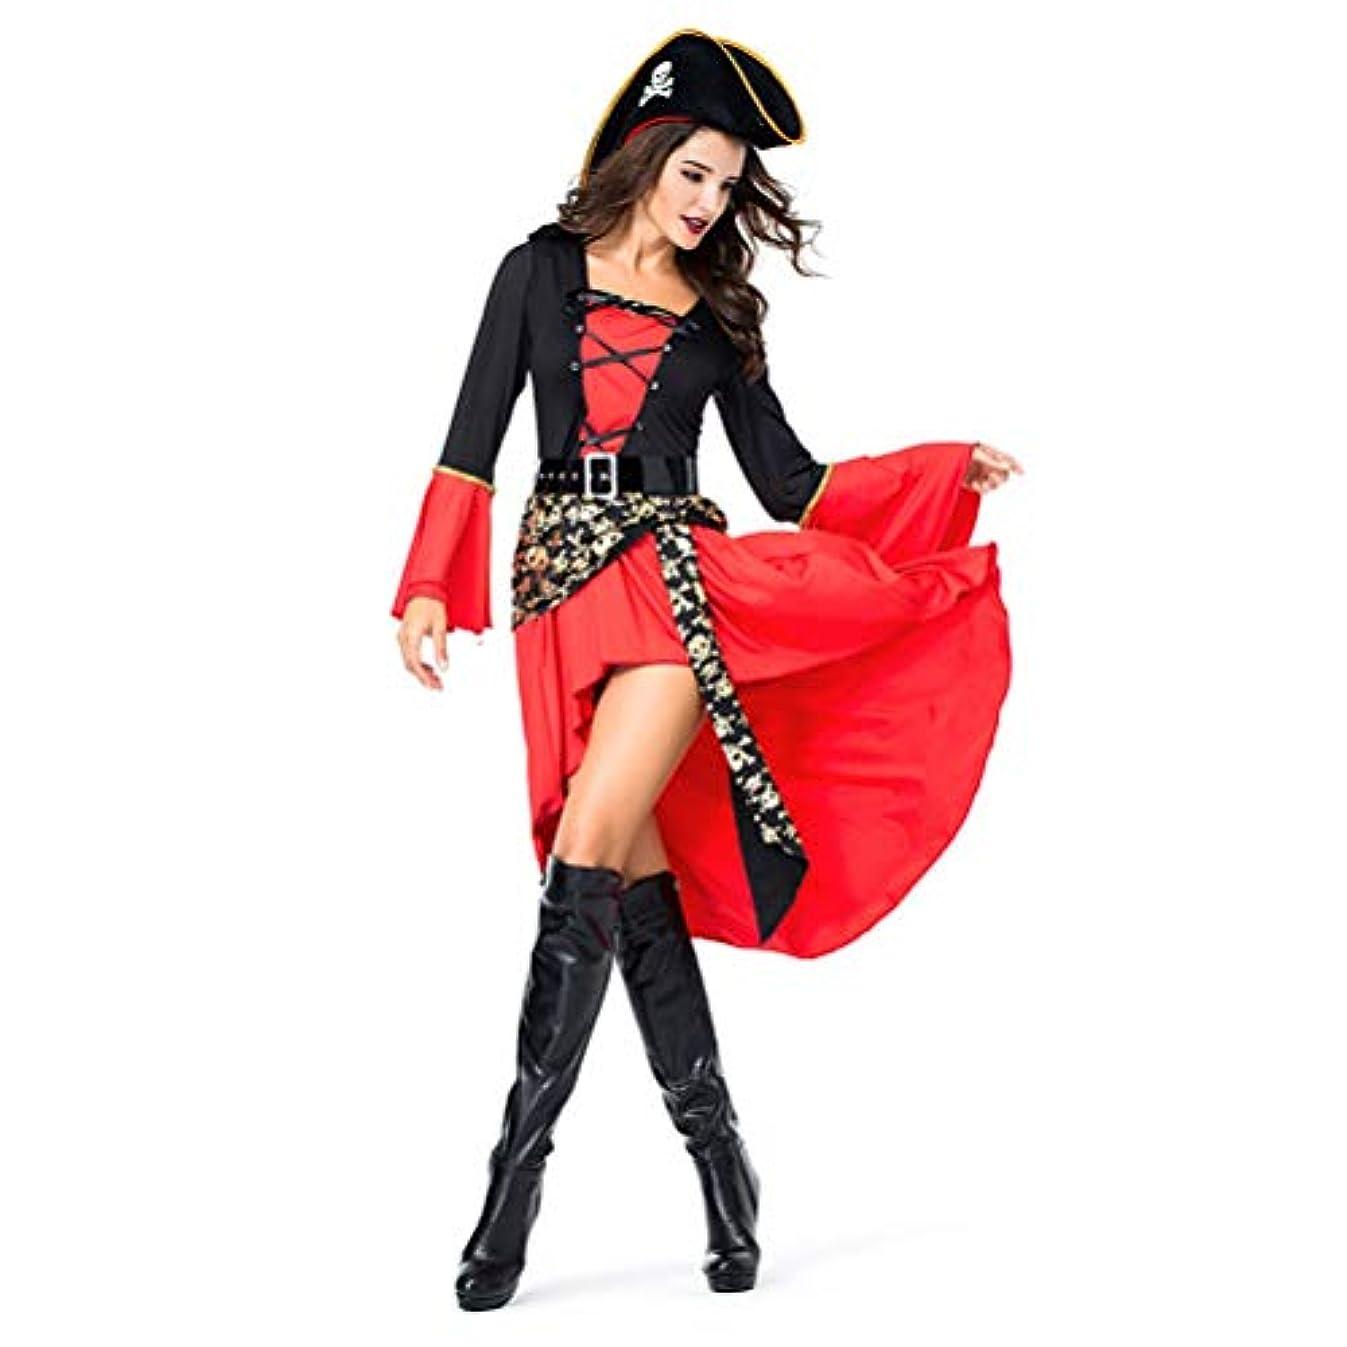 重荷野望感情海賊 コスチューム衣装仮装ハロウィン 女性用 ハロウィン衣装 コスプレ海賊帽付 パイレーツオブカリビアン風 大人用 ハロウィーン クリスマス COSPLAY 変装 仮装